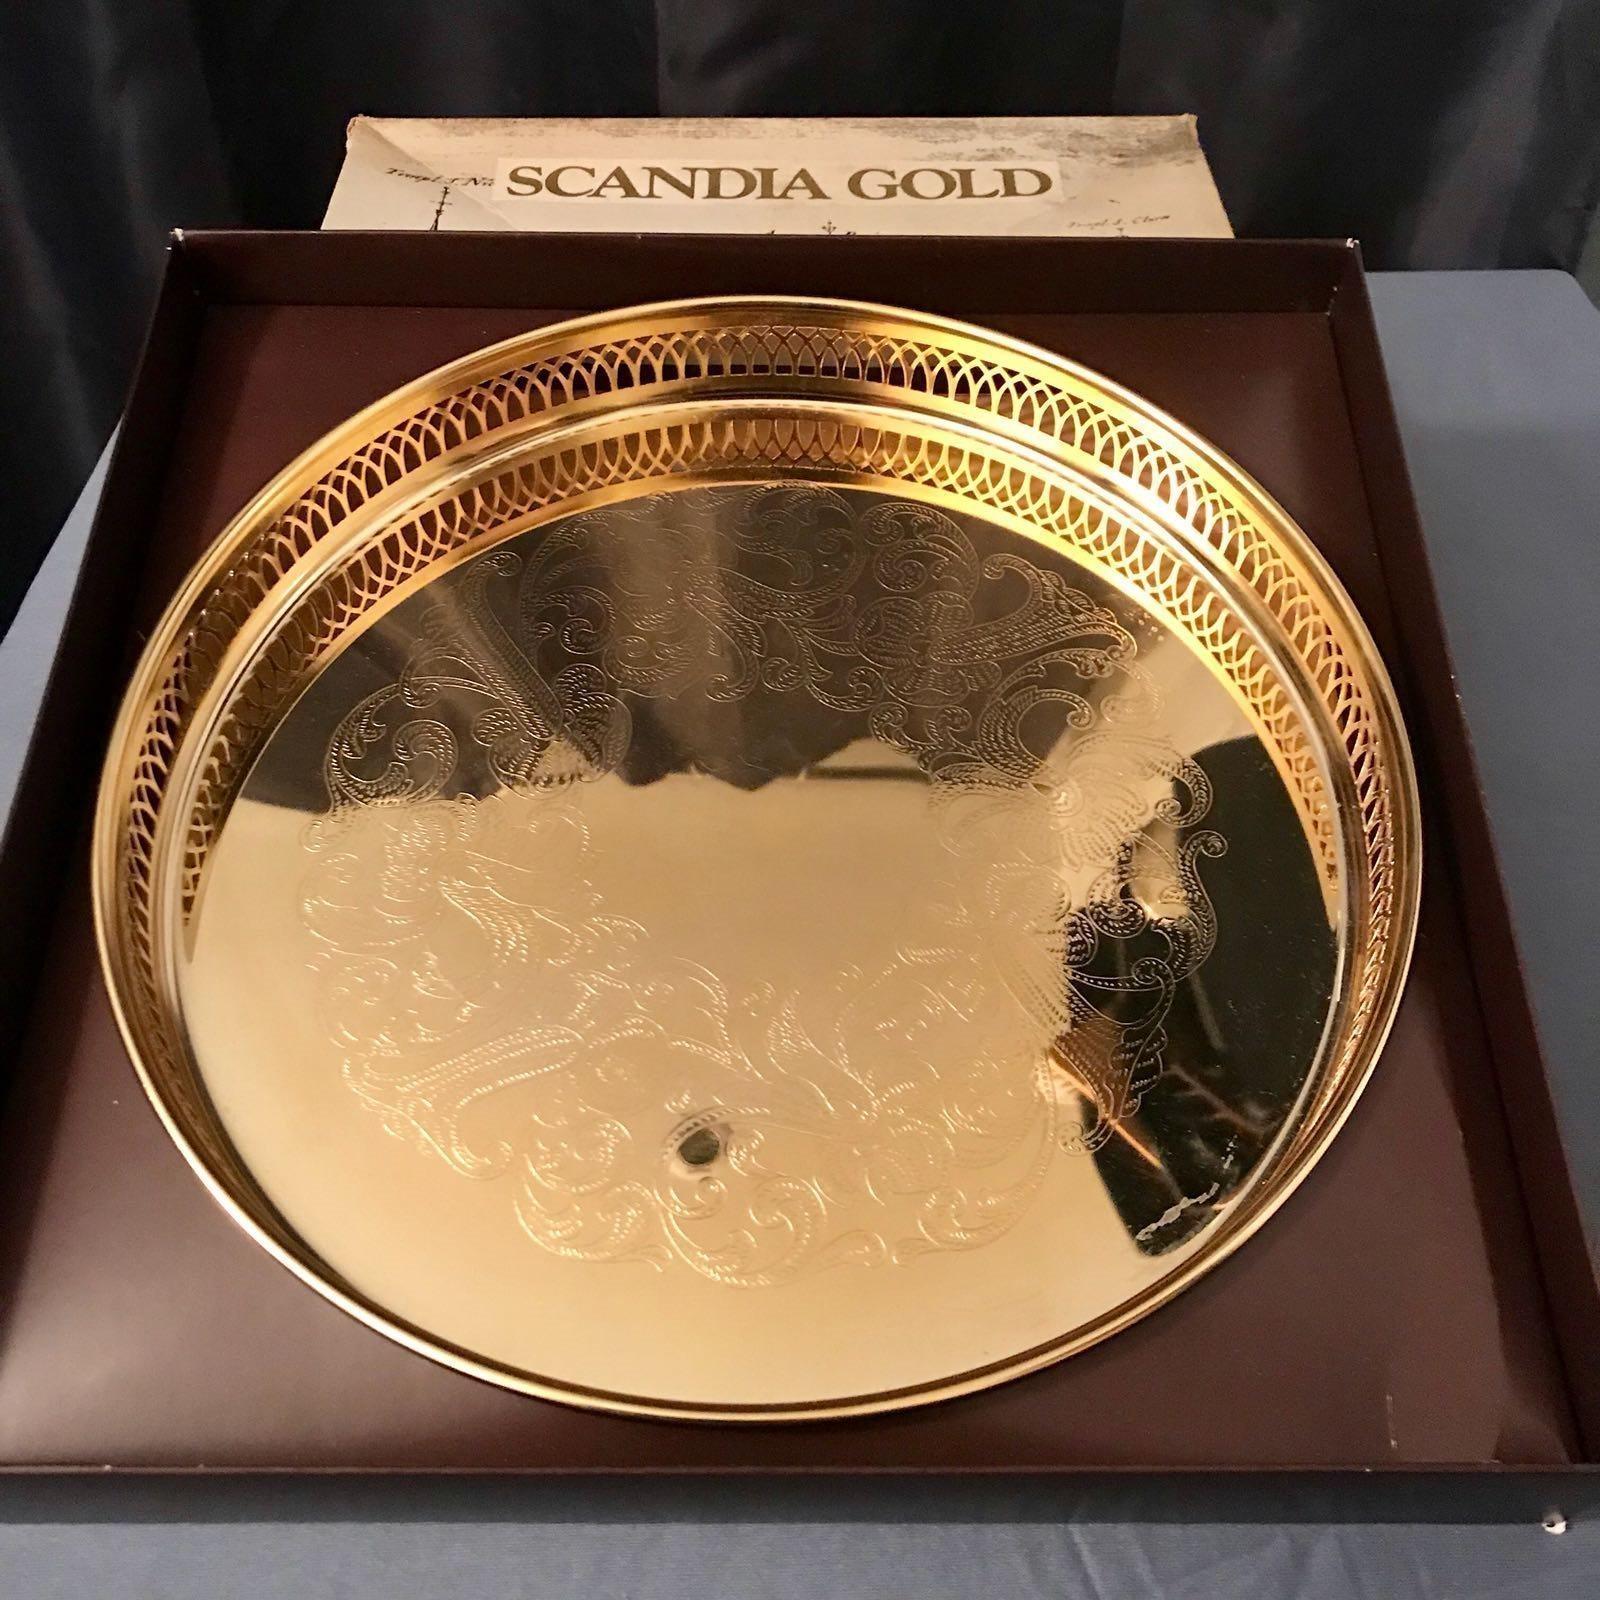 Scandia guldbricka